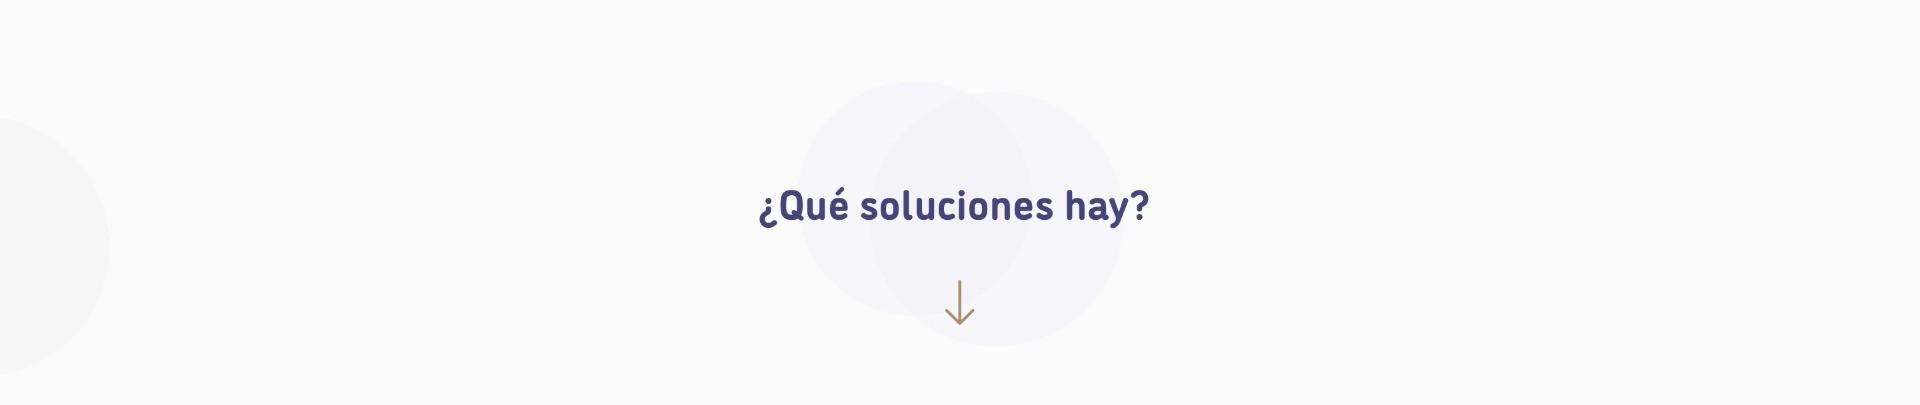 ¿Que soluciones hay?